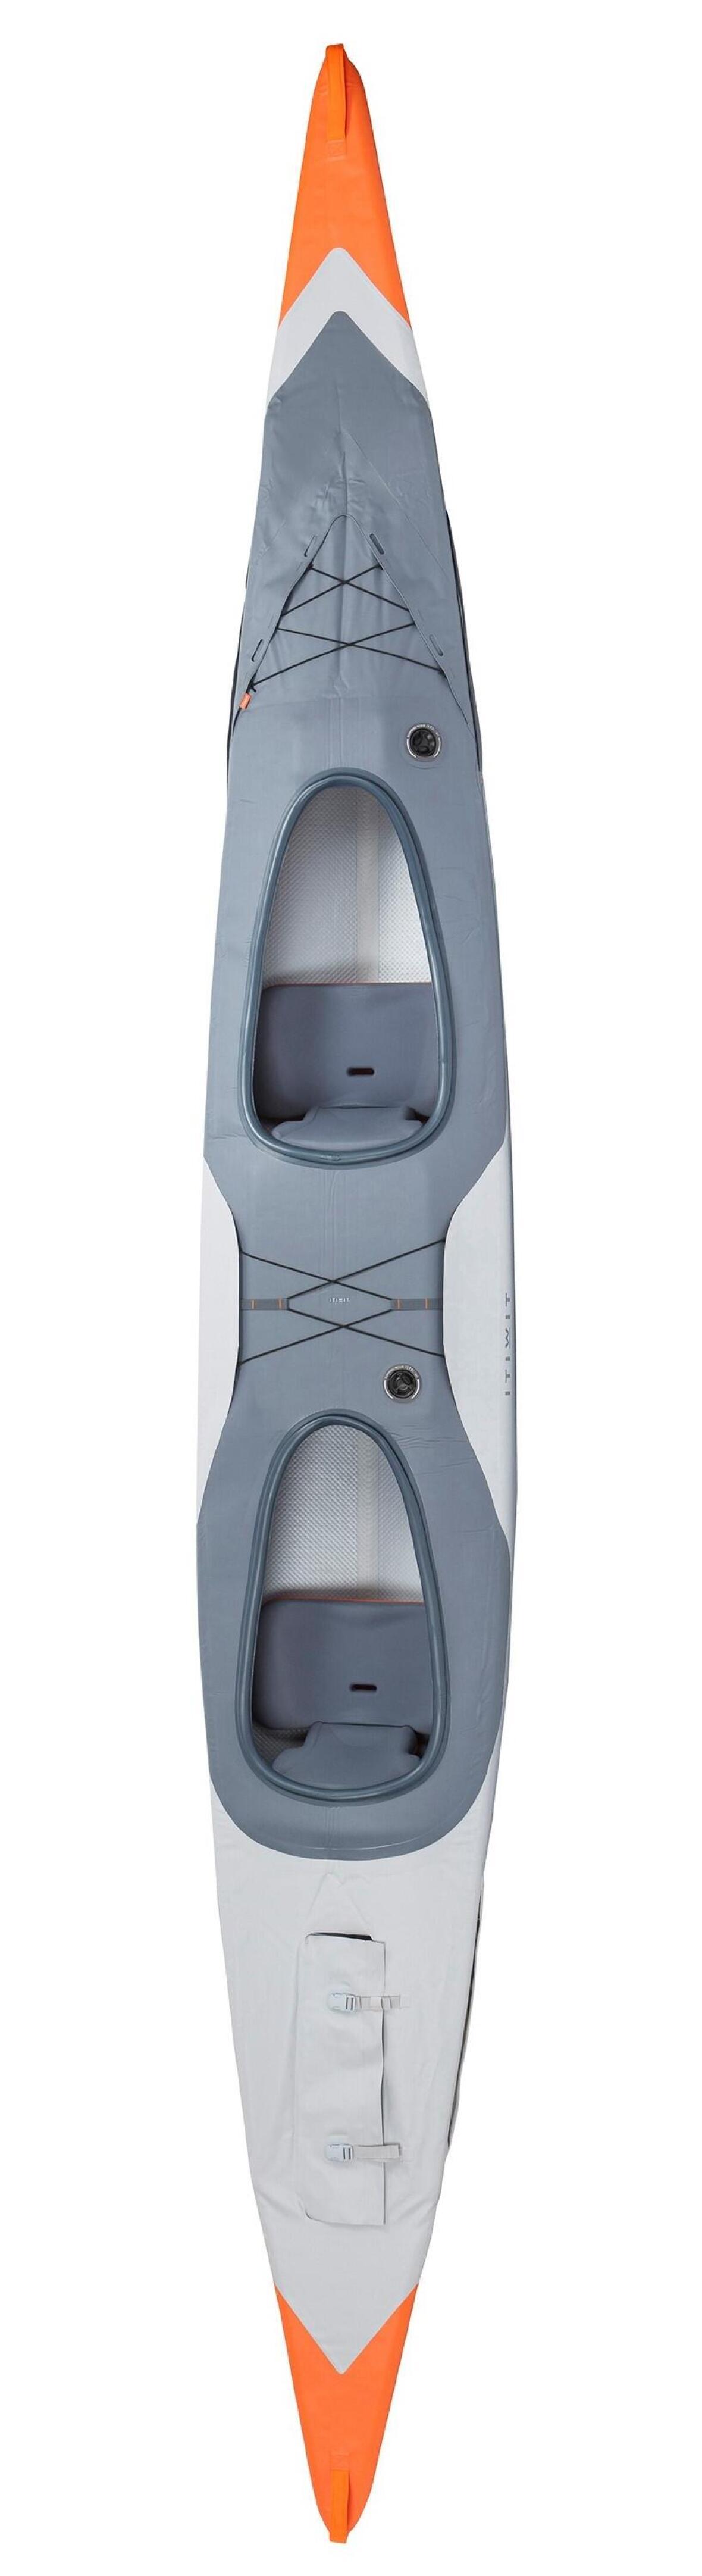 X500-2p-itiwit